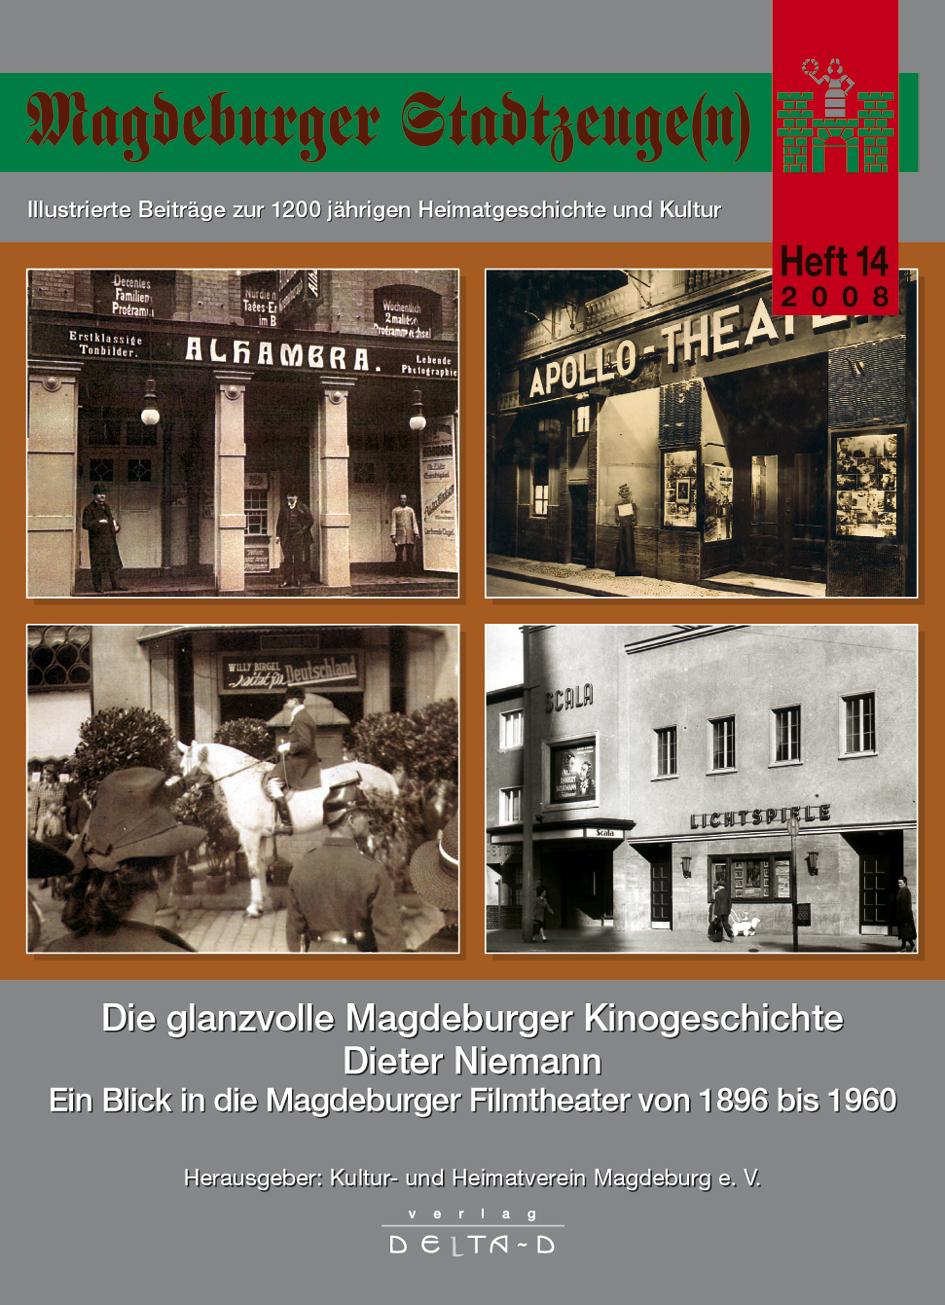 Magdeburger Stadtzeuge(n) Teil 14